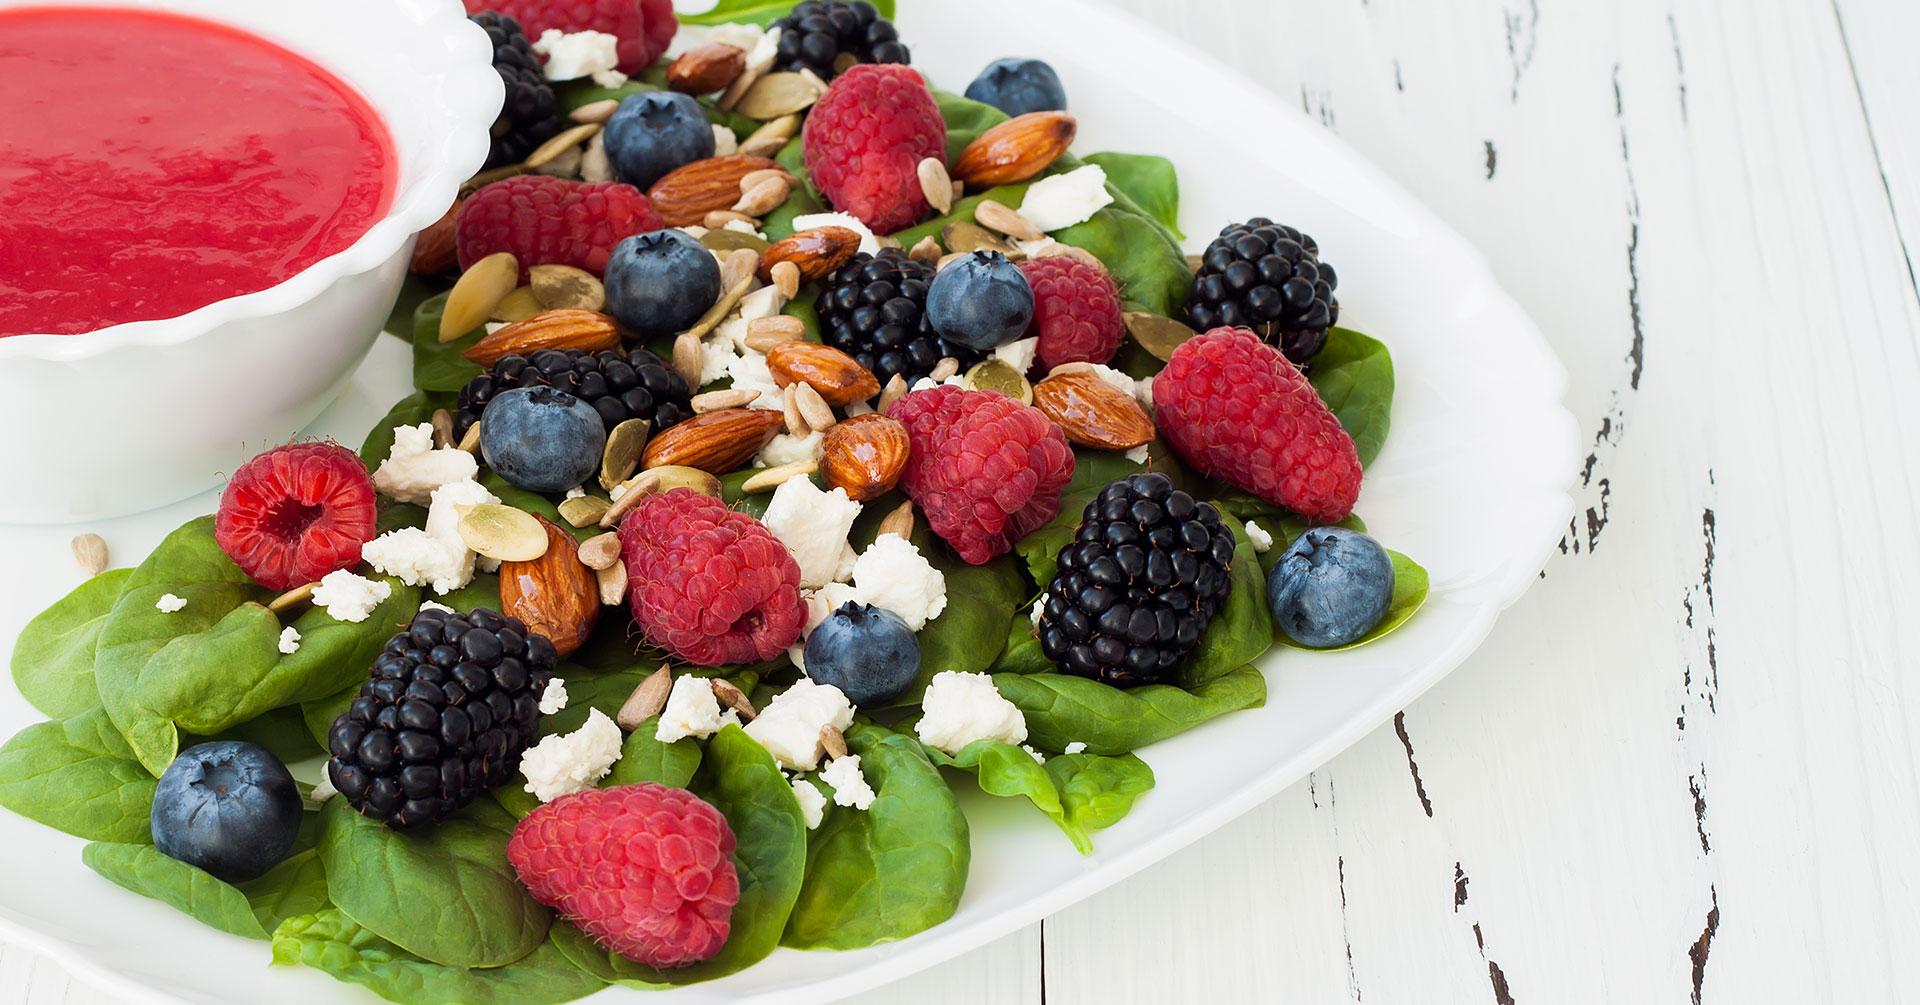 Saludable ensalada fresca de frutos rojos